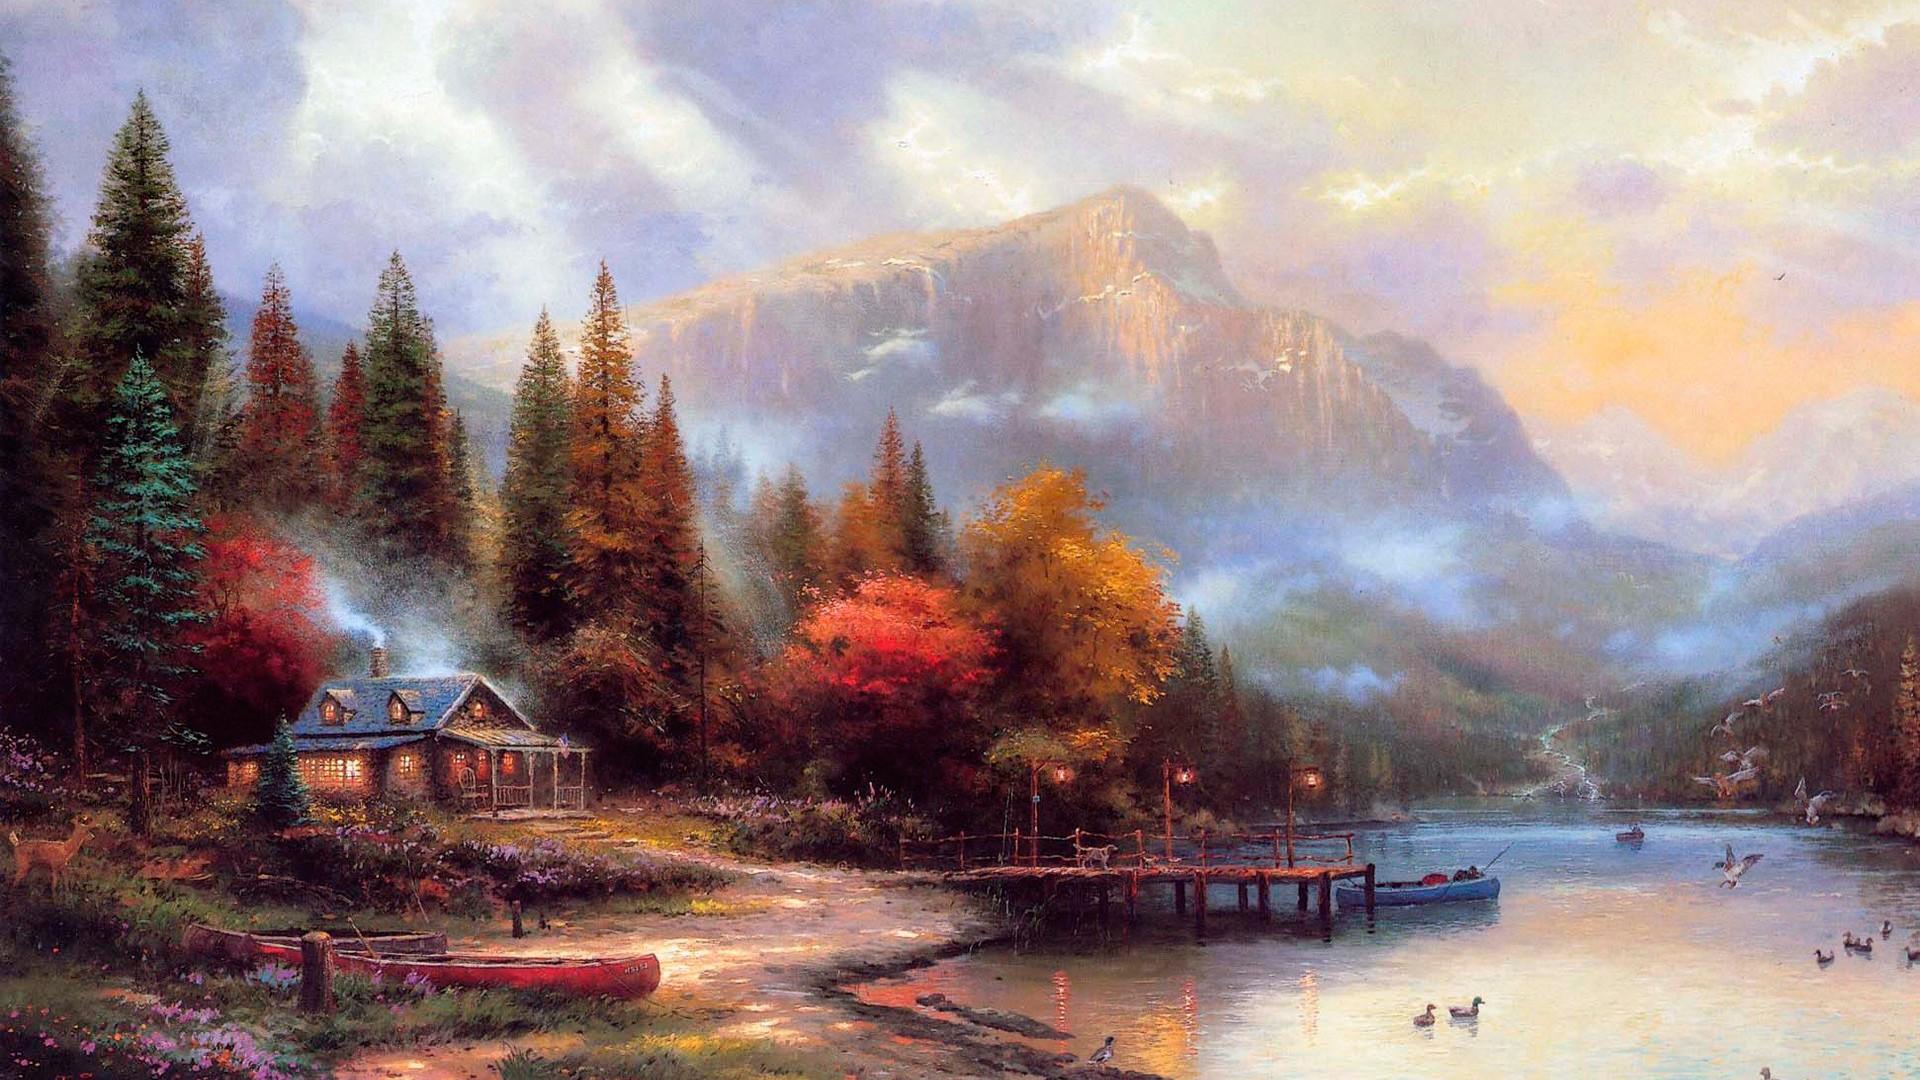 Thomas Kinkade Autumn Paintings, scene, winter, nature, abstract .